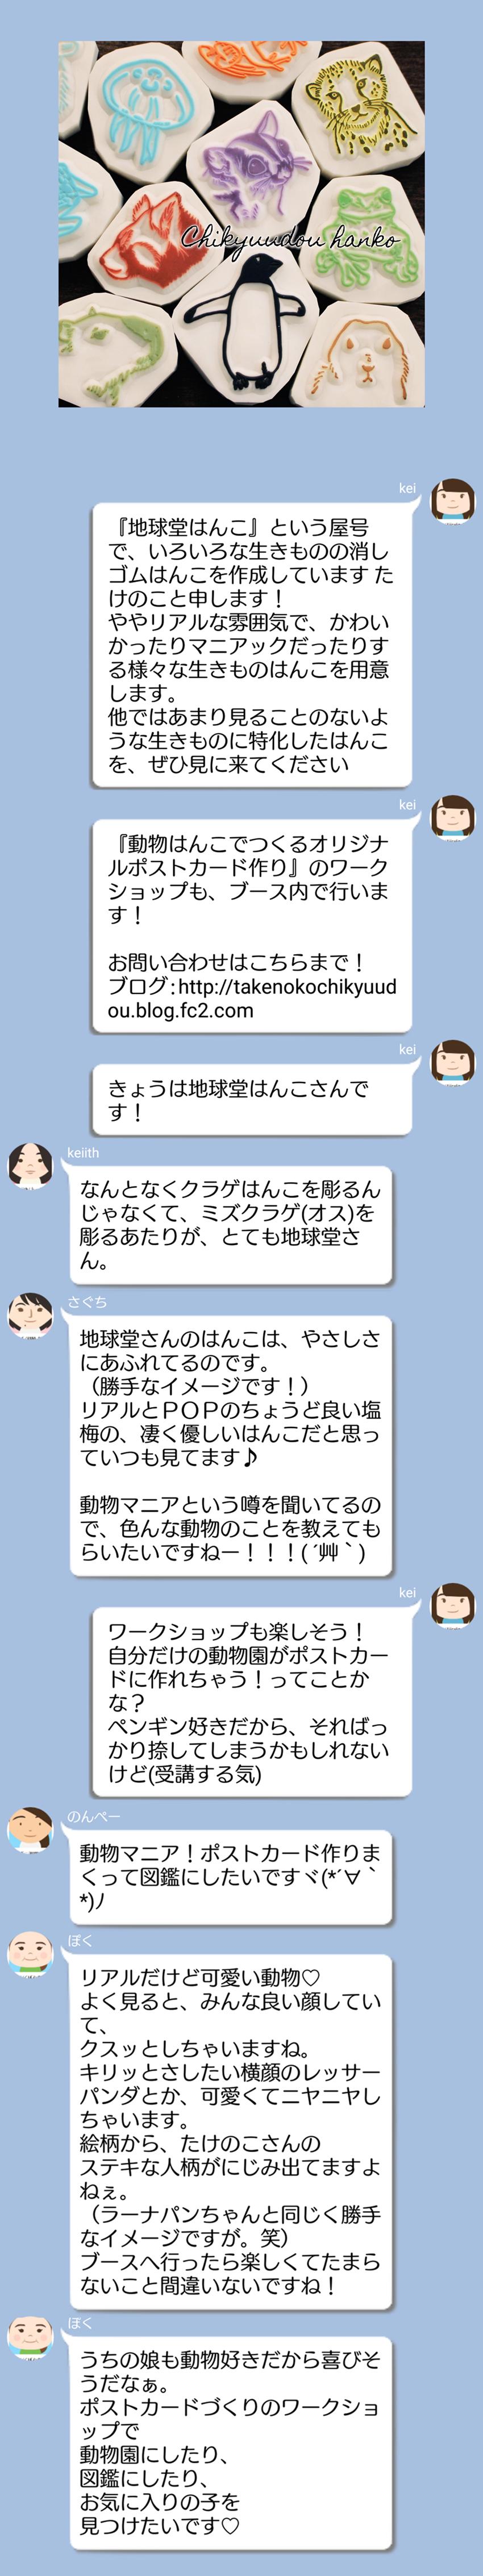 14chikyudou.png